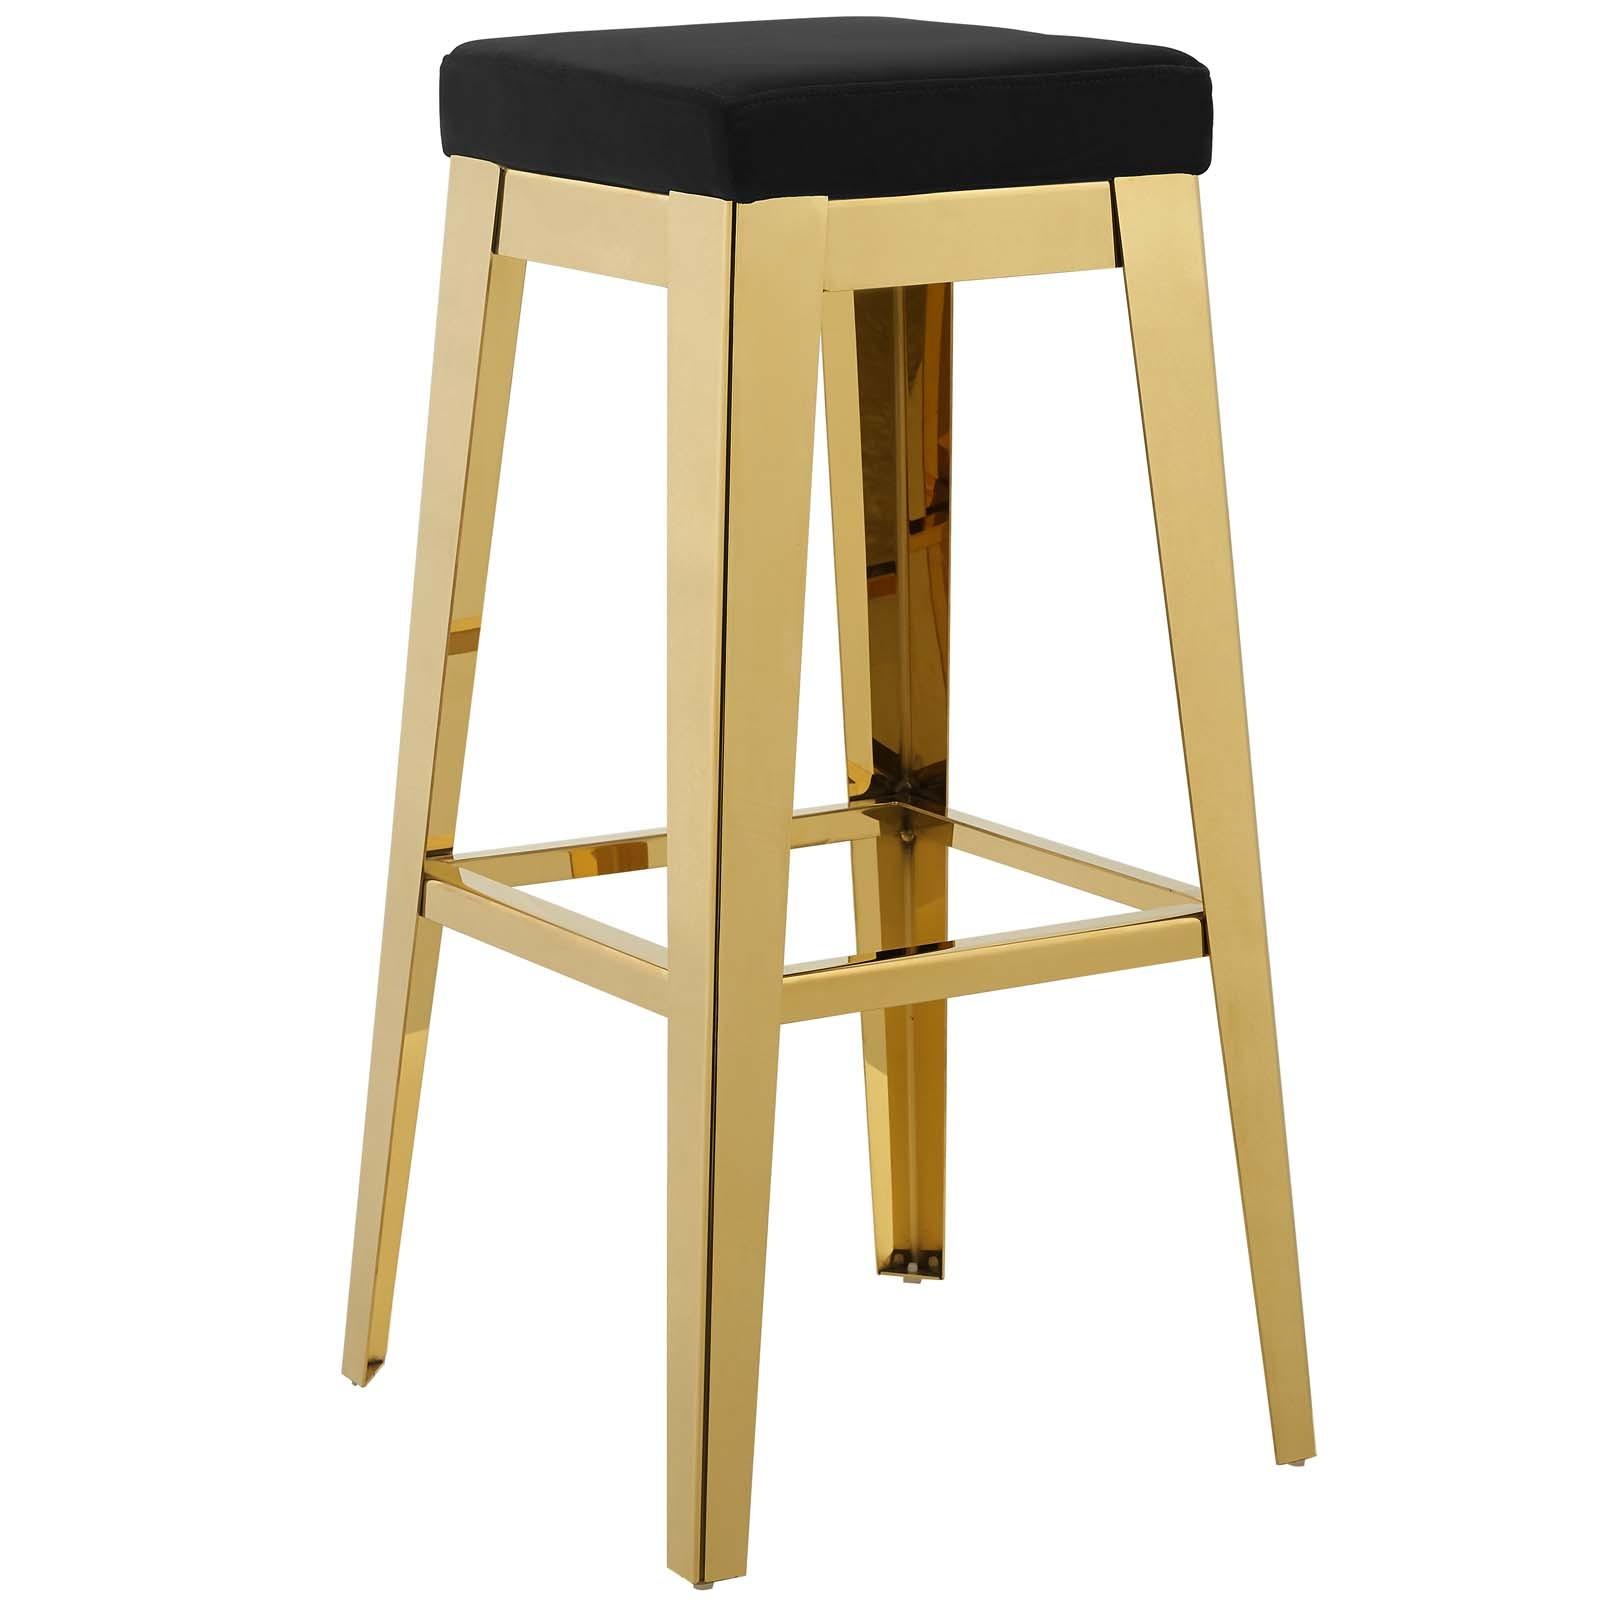 Arrive Gold Stainless Steel Upholstered Velvet Bar Stool